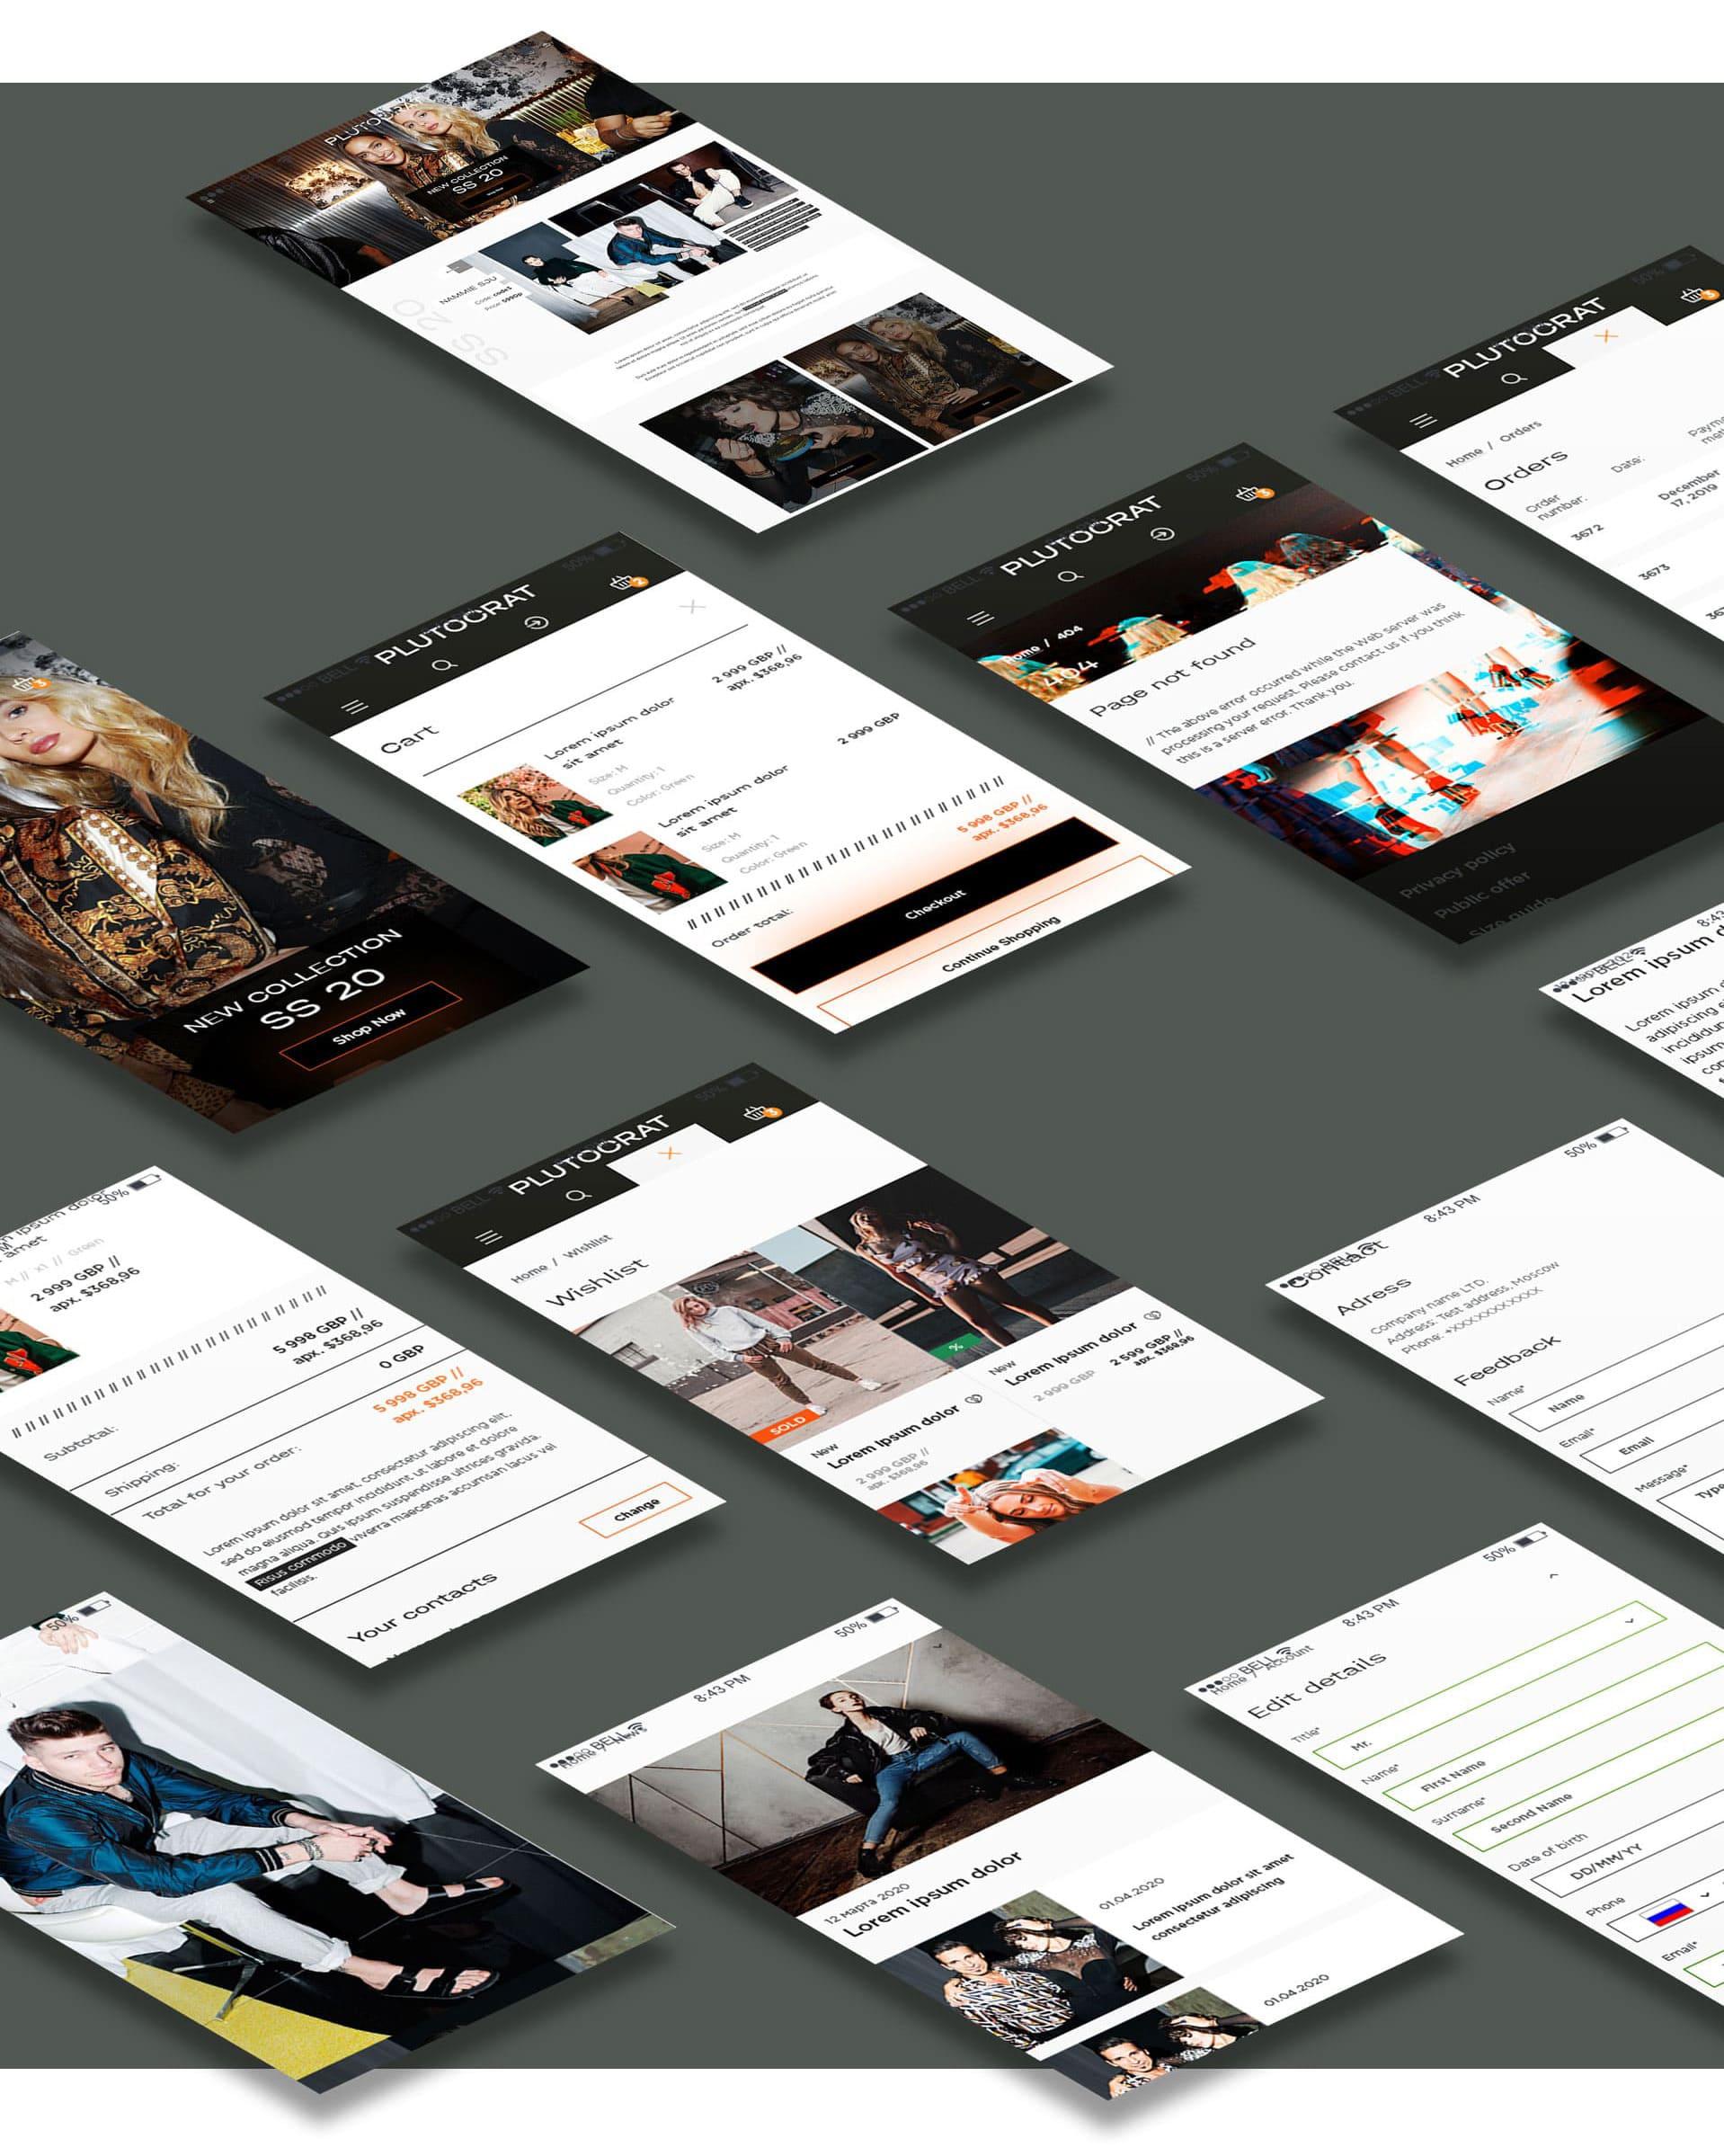 дизайн мобильной версии сайта интернет магазина